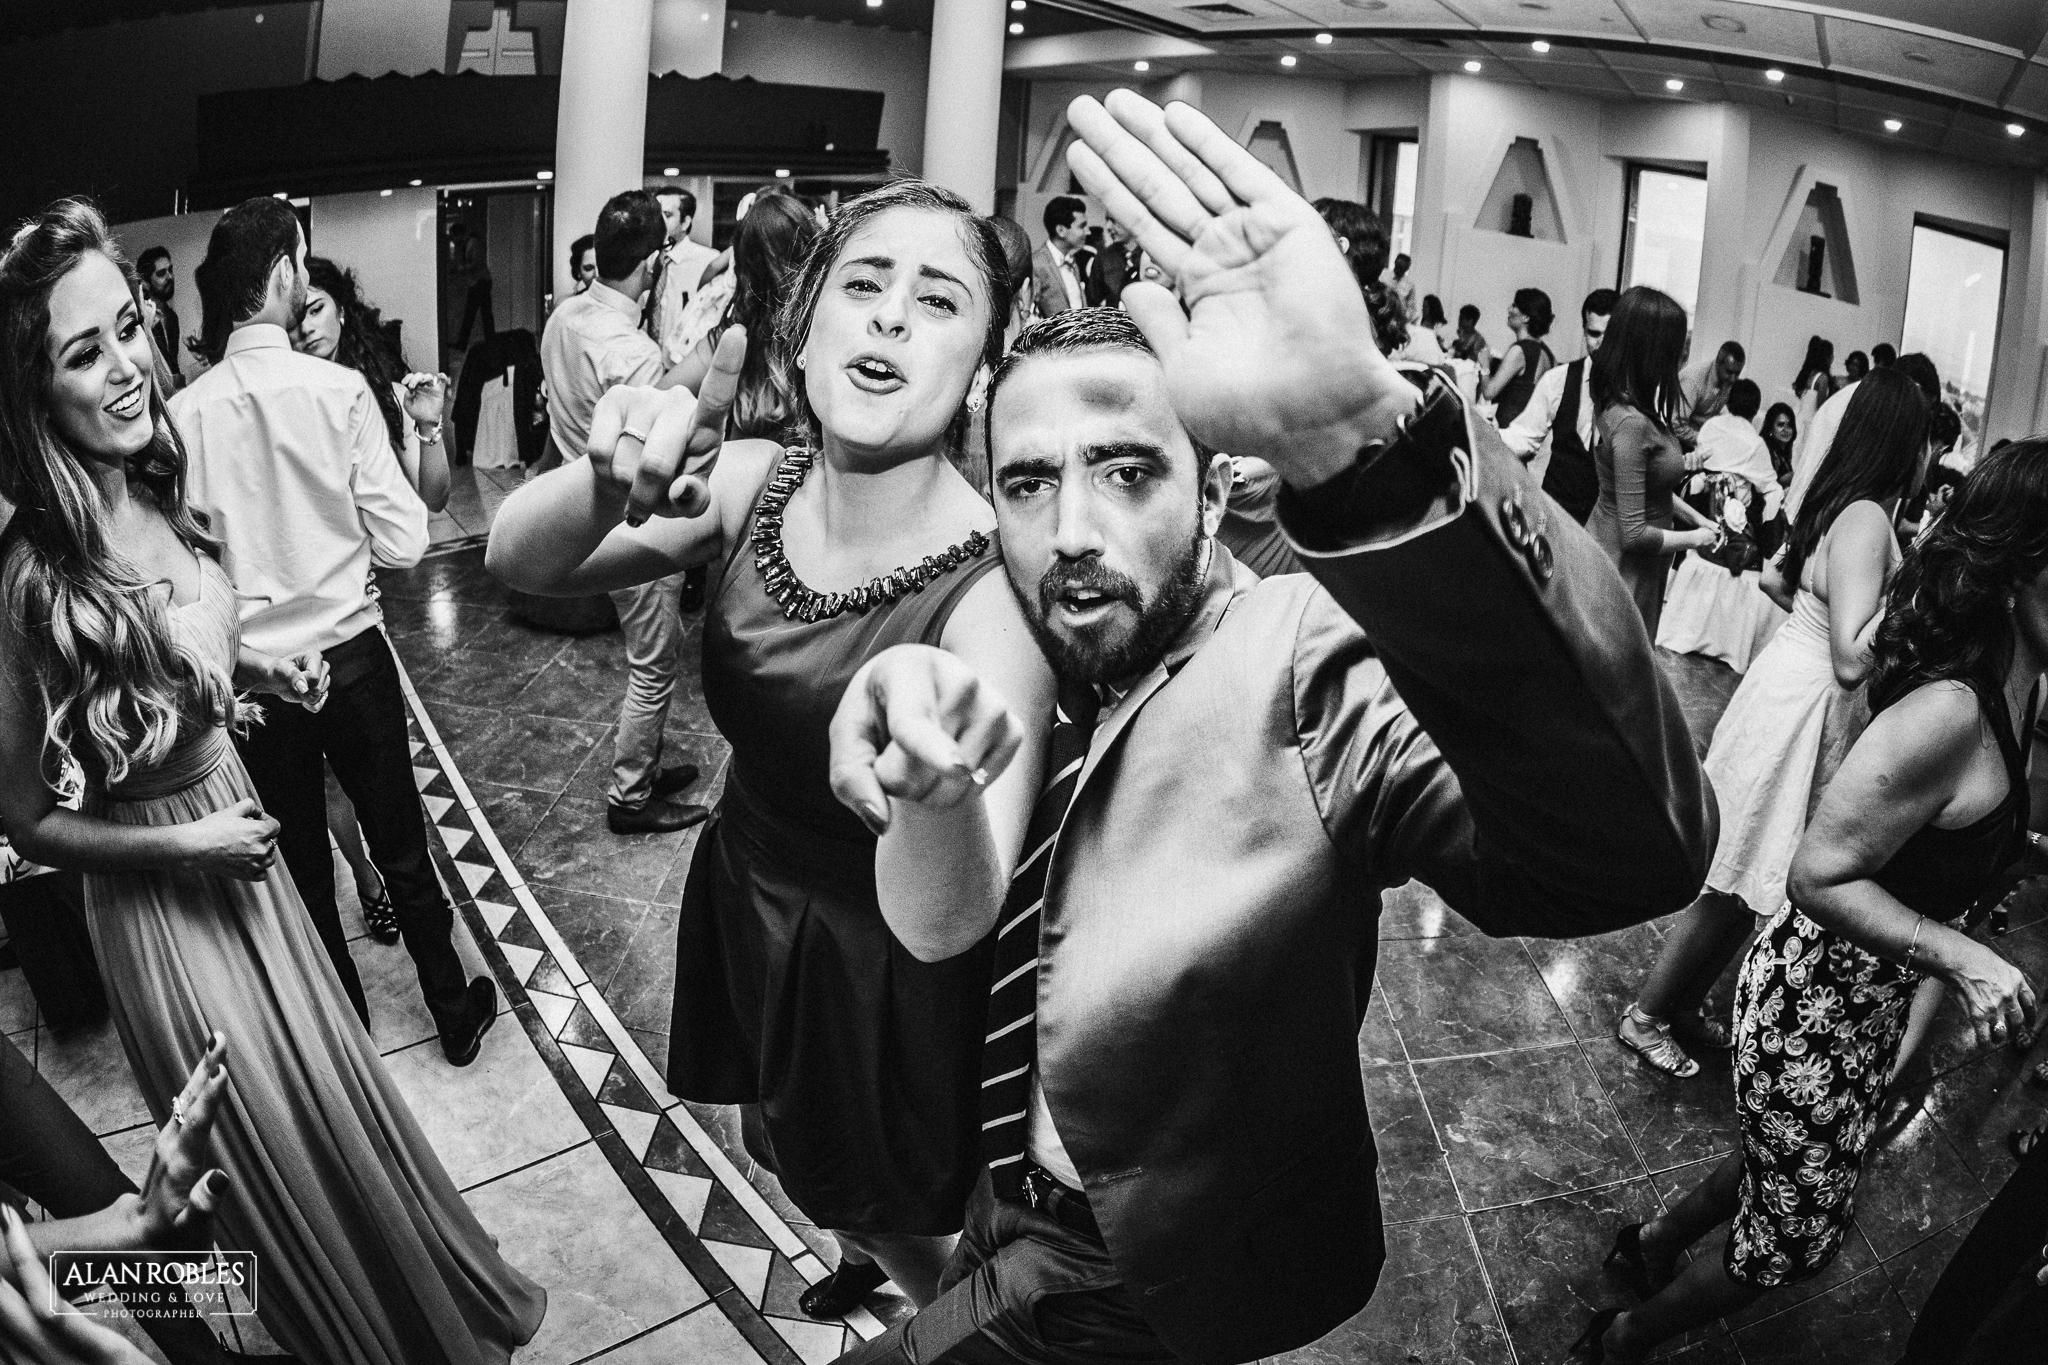 Recepcion y fiesta de boda en Hotel Malibu. Fotografo de Bodas Alan Robles en Guadalajara. Musica y baile en boda.